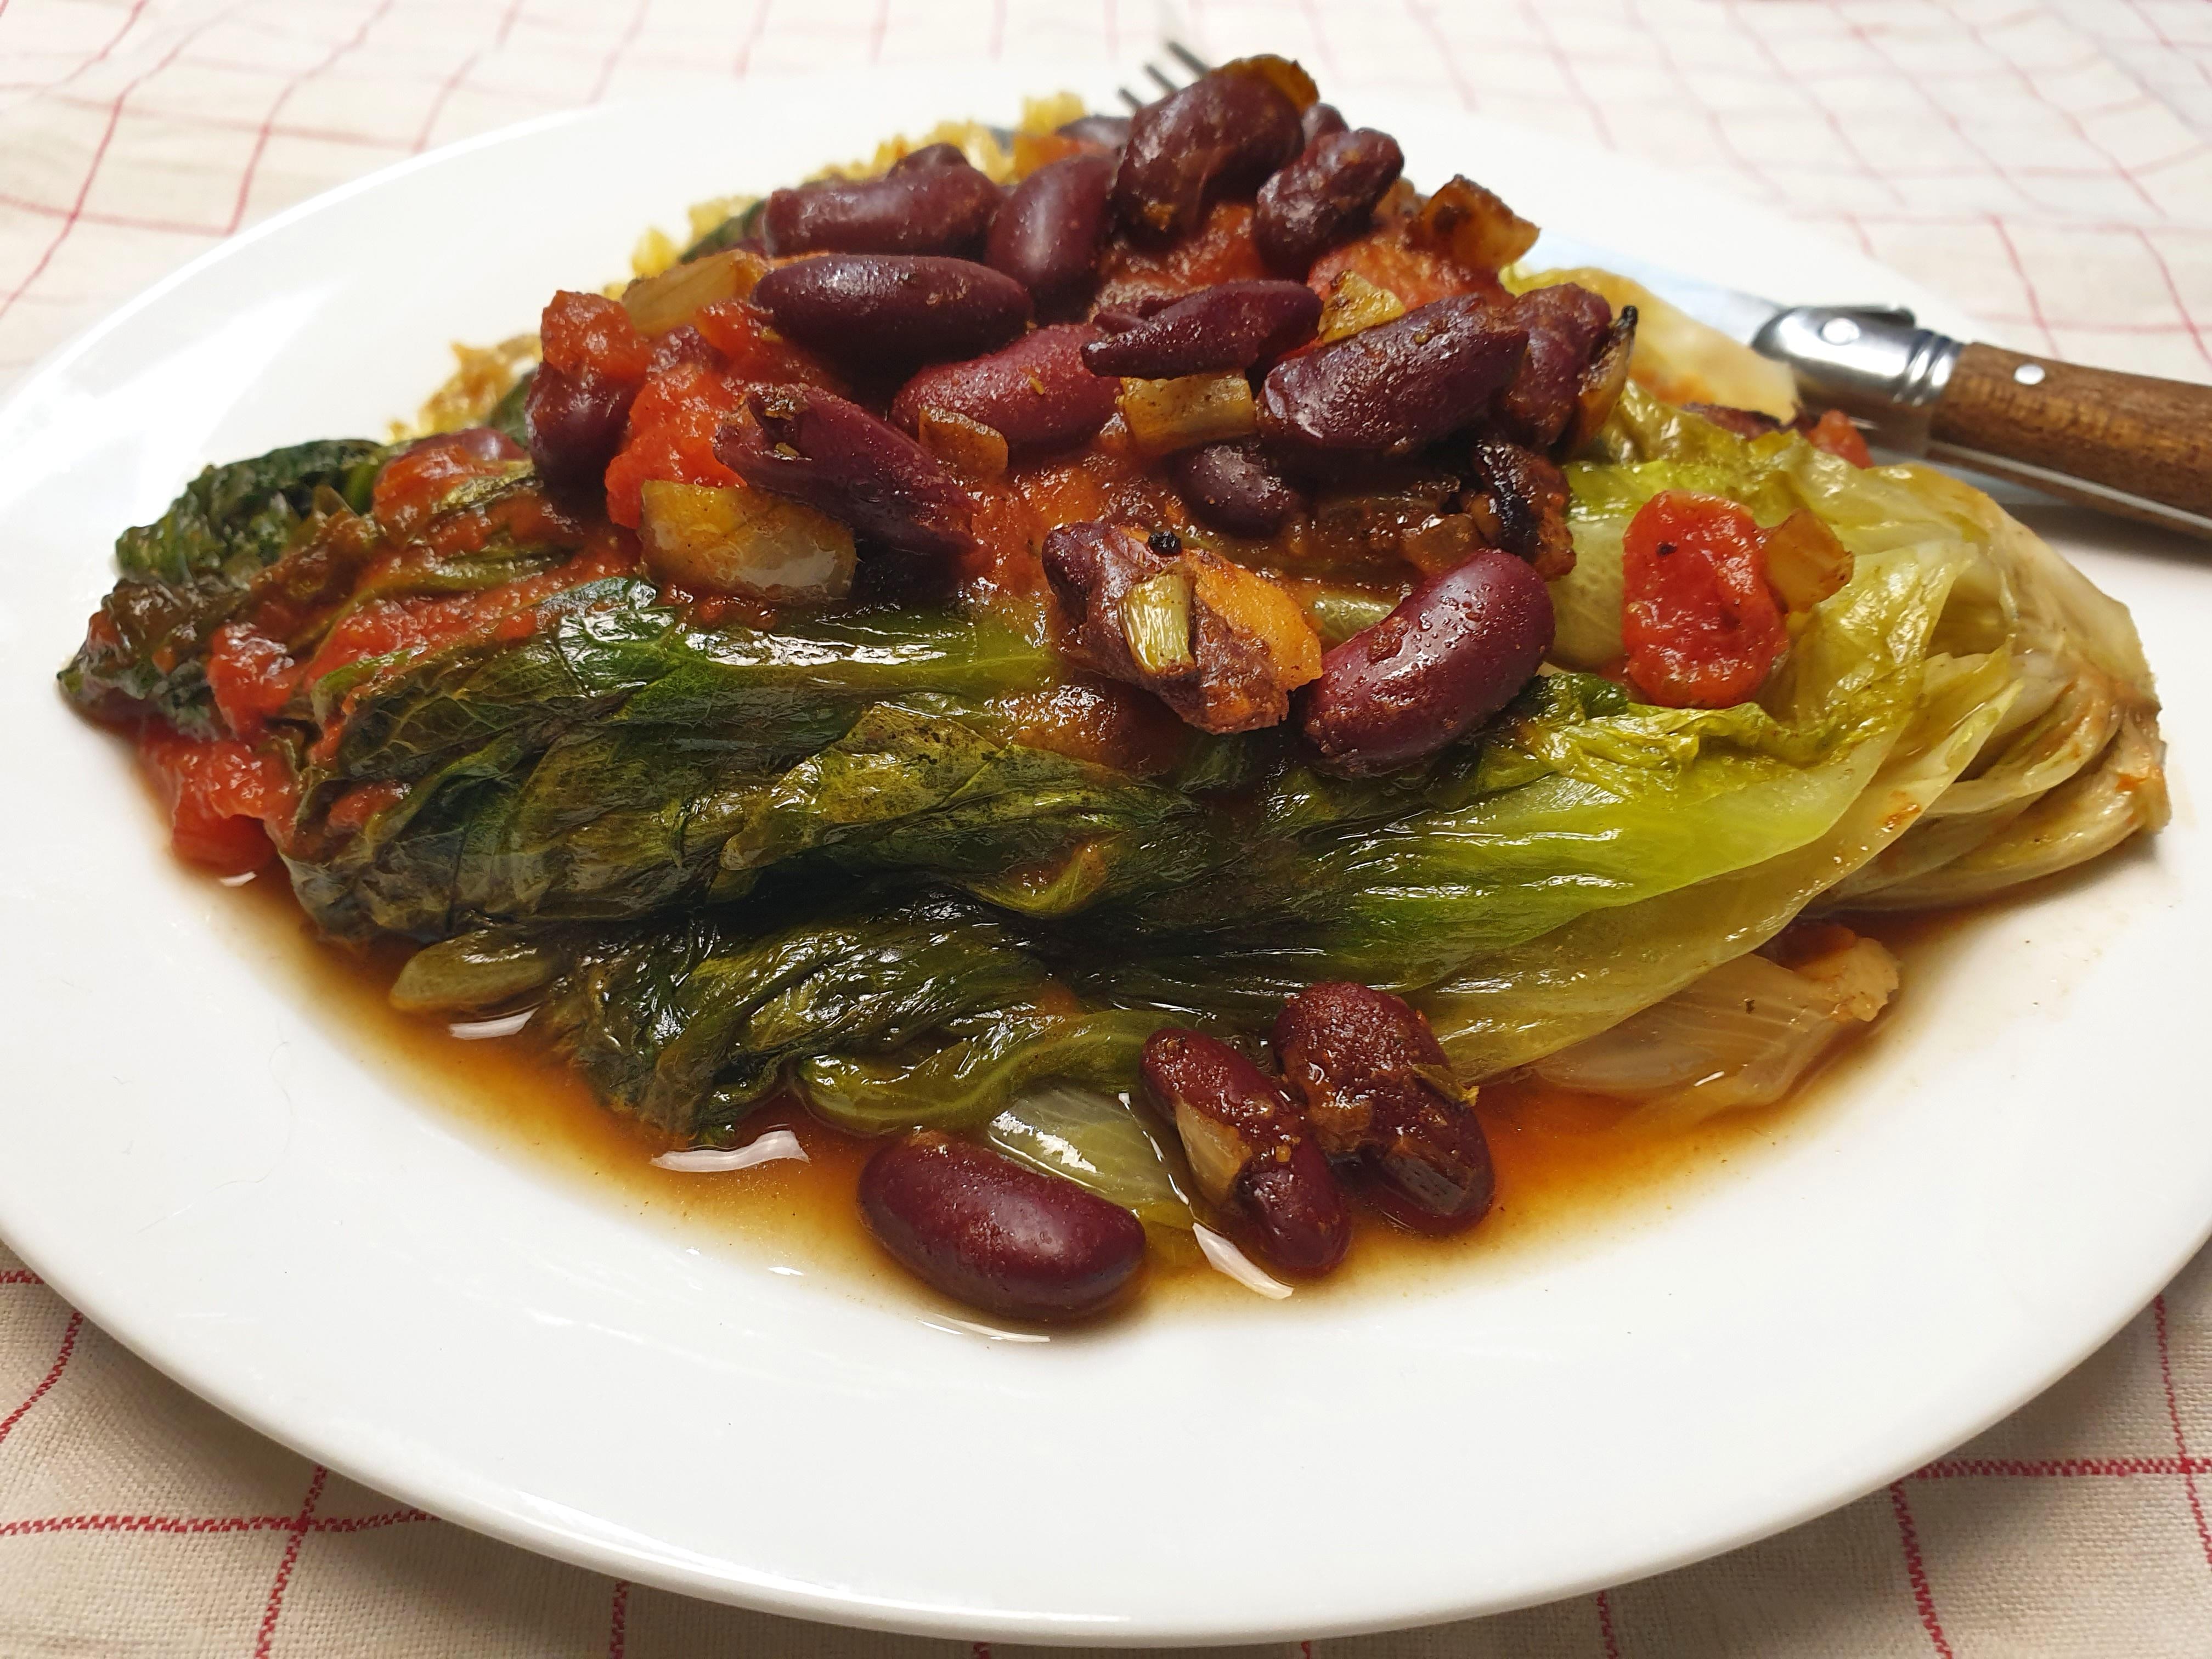 Uitgelichte foto voor het bericht Gestoofde andijvie met tomaat en kidneybonen